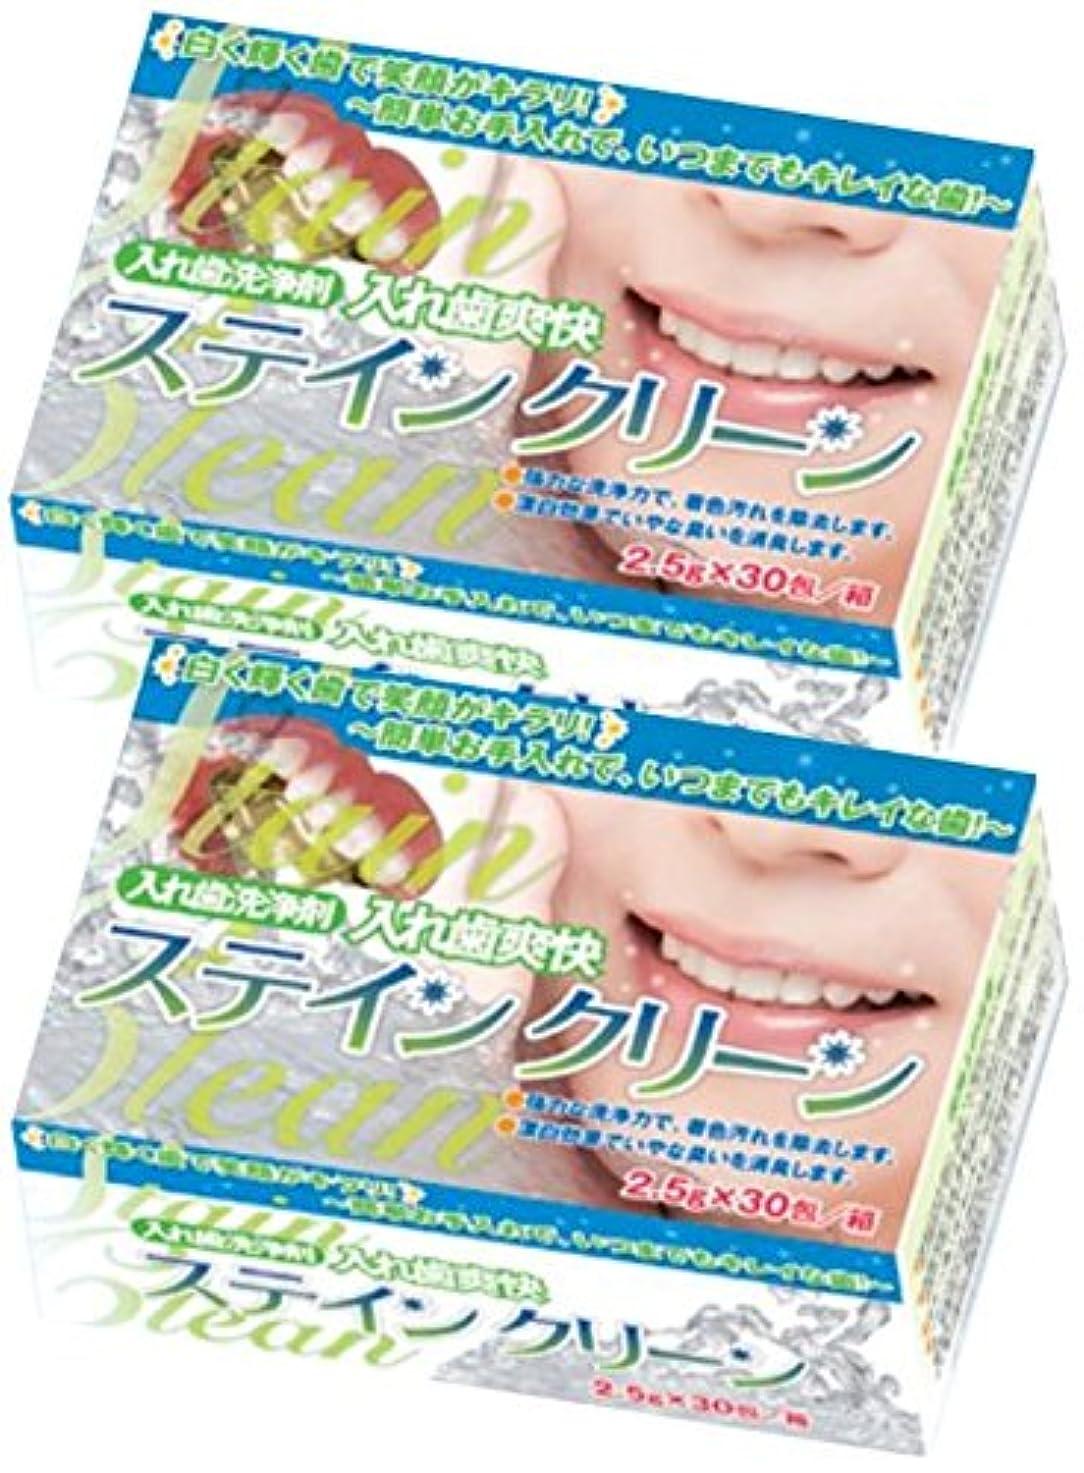 創造皮肉ブラインド入れ歯爽快 ステインクリーン 1箱(2.5g × 30包入り) 歯科医院専売品 (2箱)